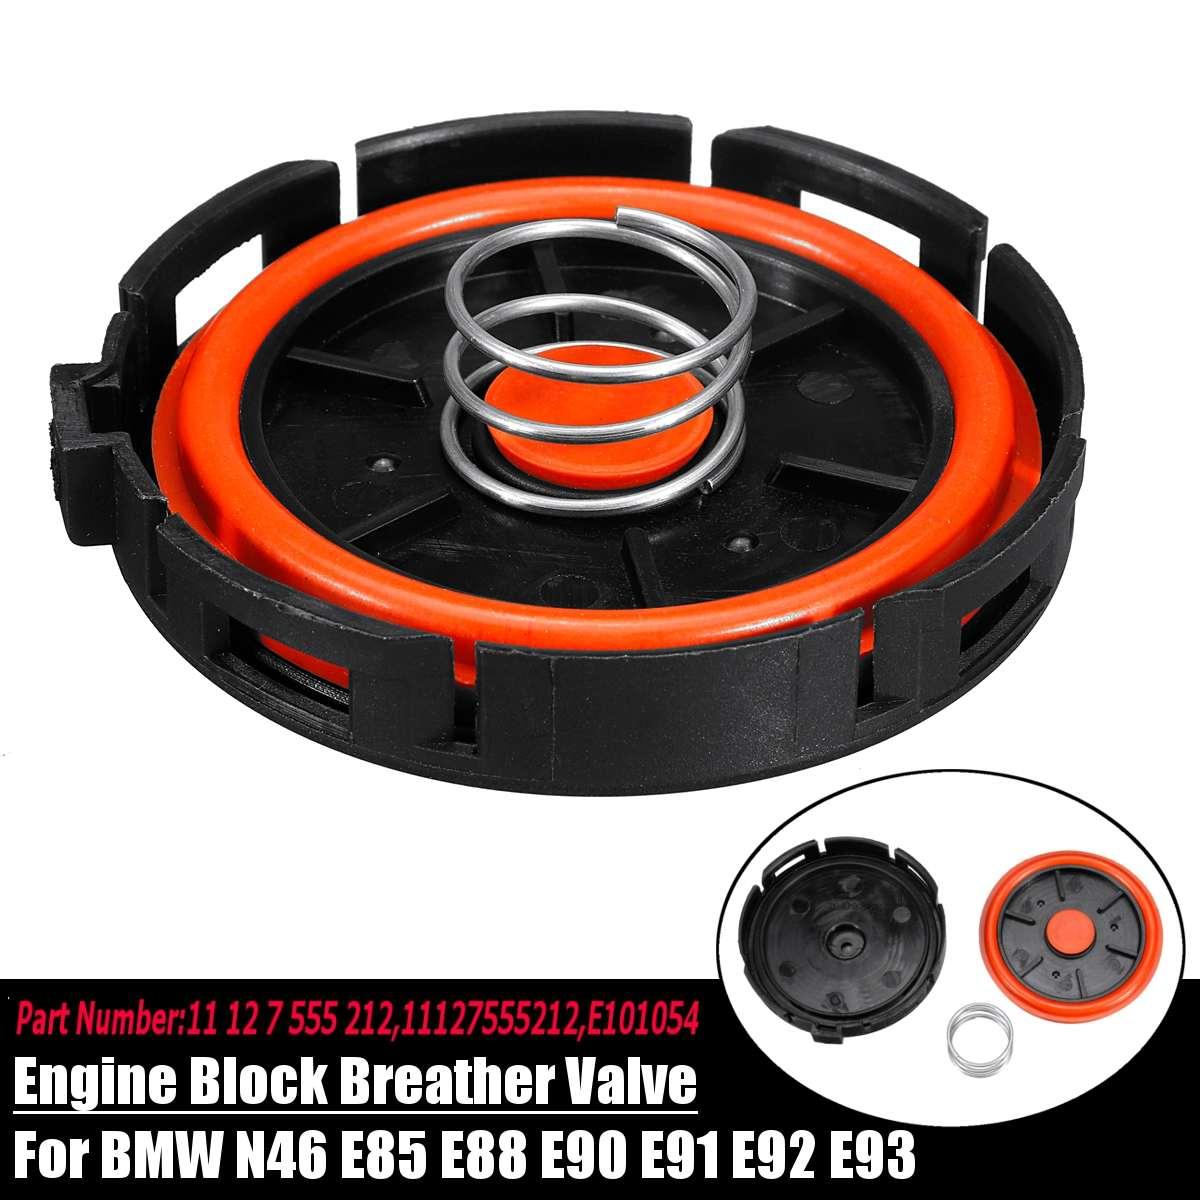 Car Accessories Engine Block Breather Vacuum Control Valve11127555212 For BMW N46 E81 E82 E84 E85 E87 E88 E90 E91 E92 E93